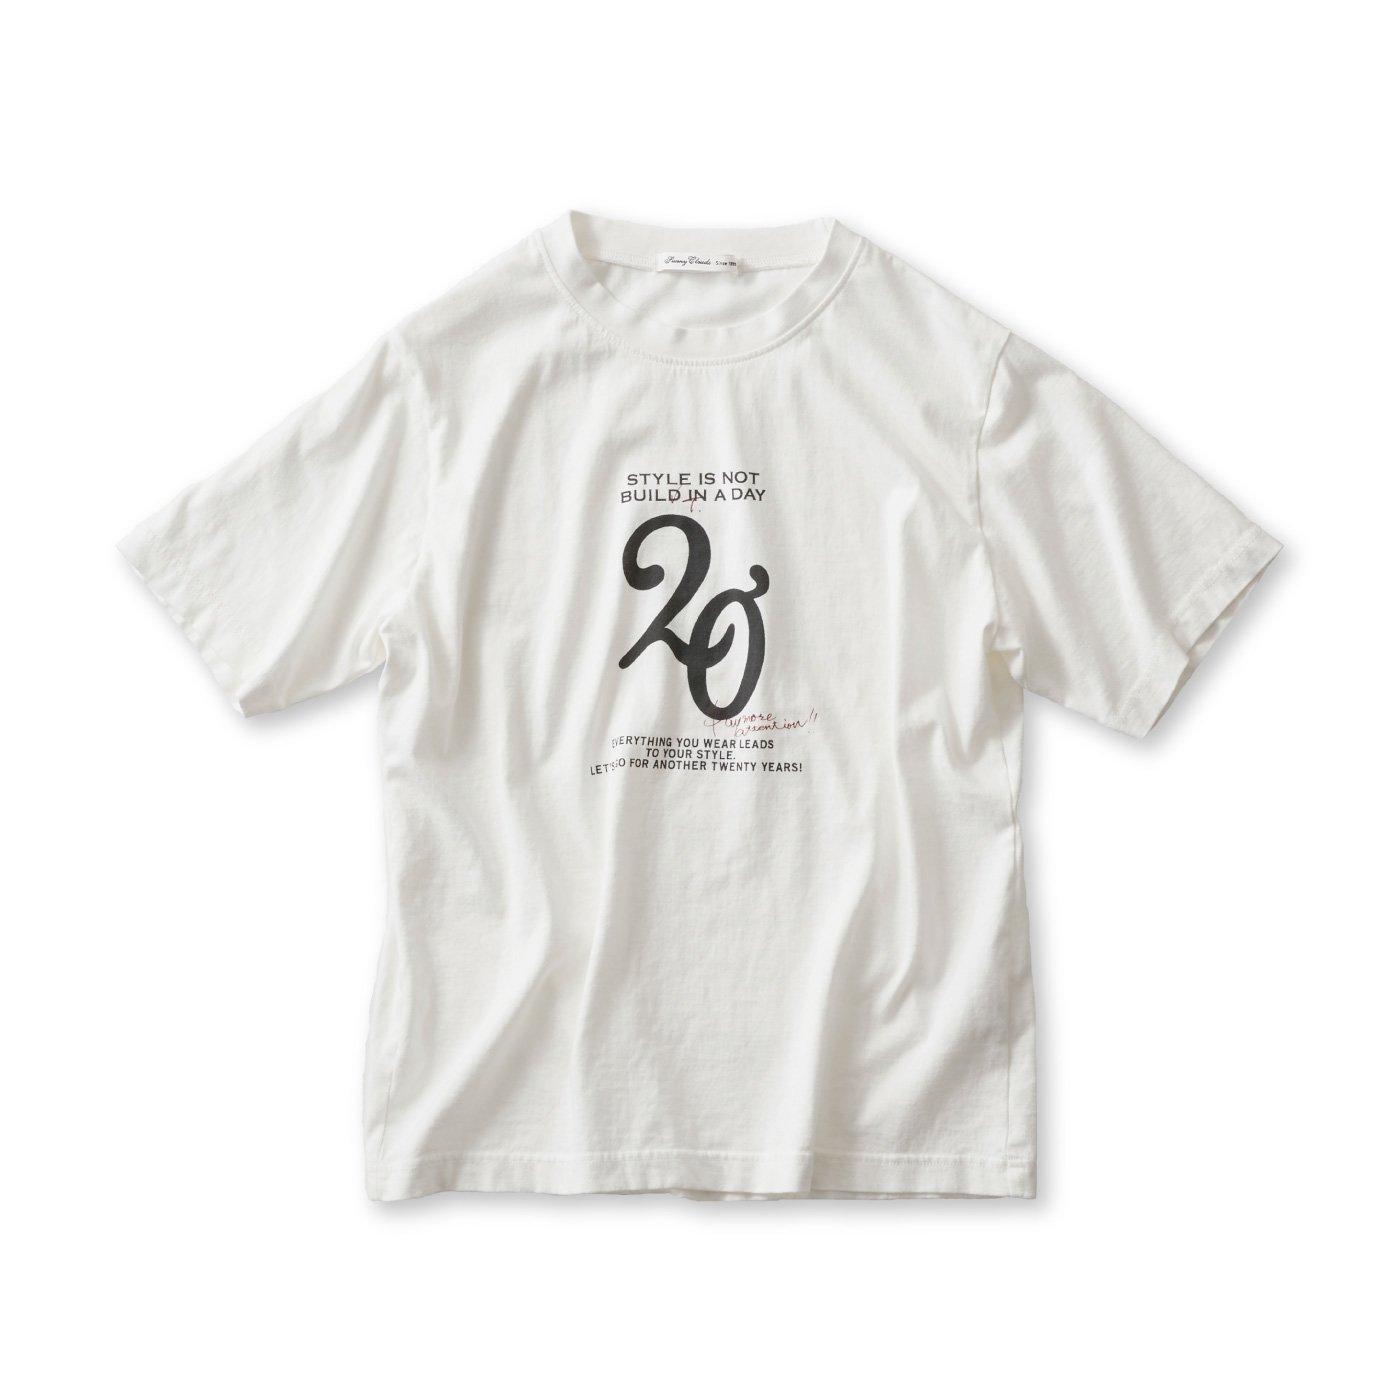 サニークラウズ 添削済みの二十歳Tシャツ〈メンズ〉